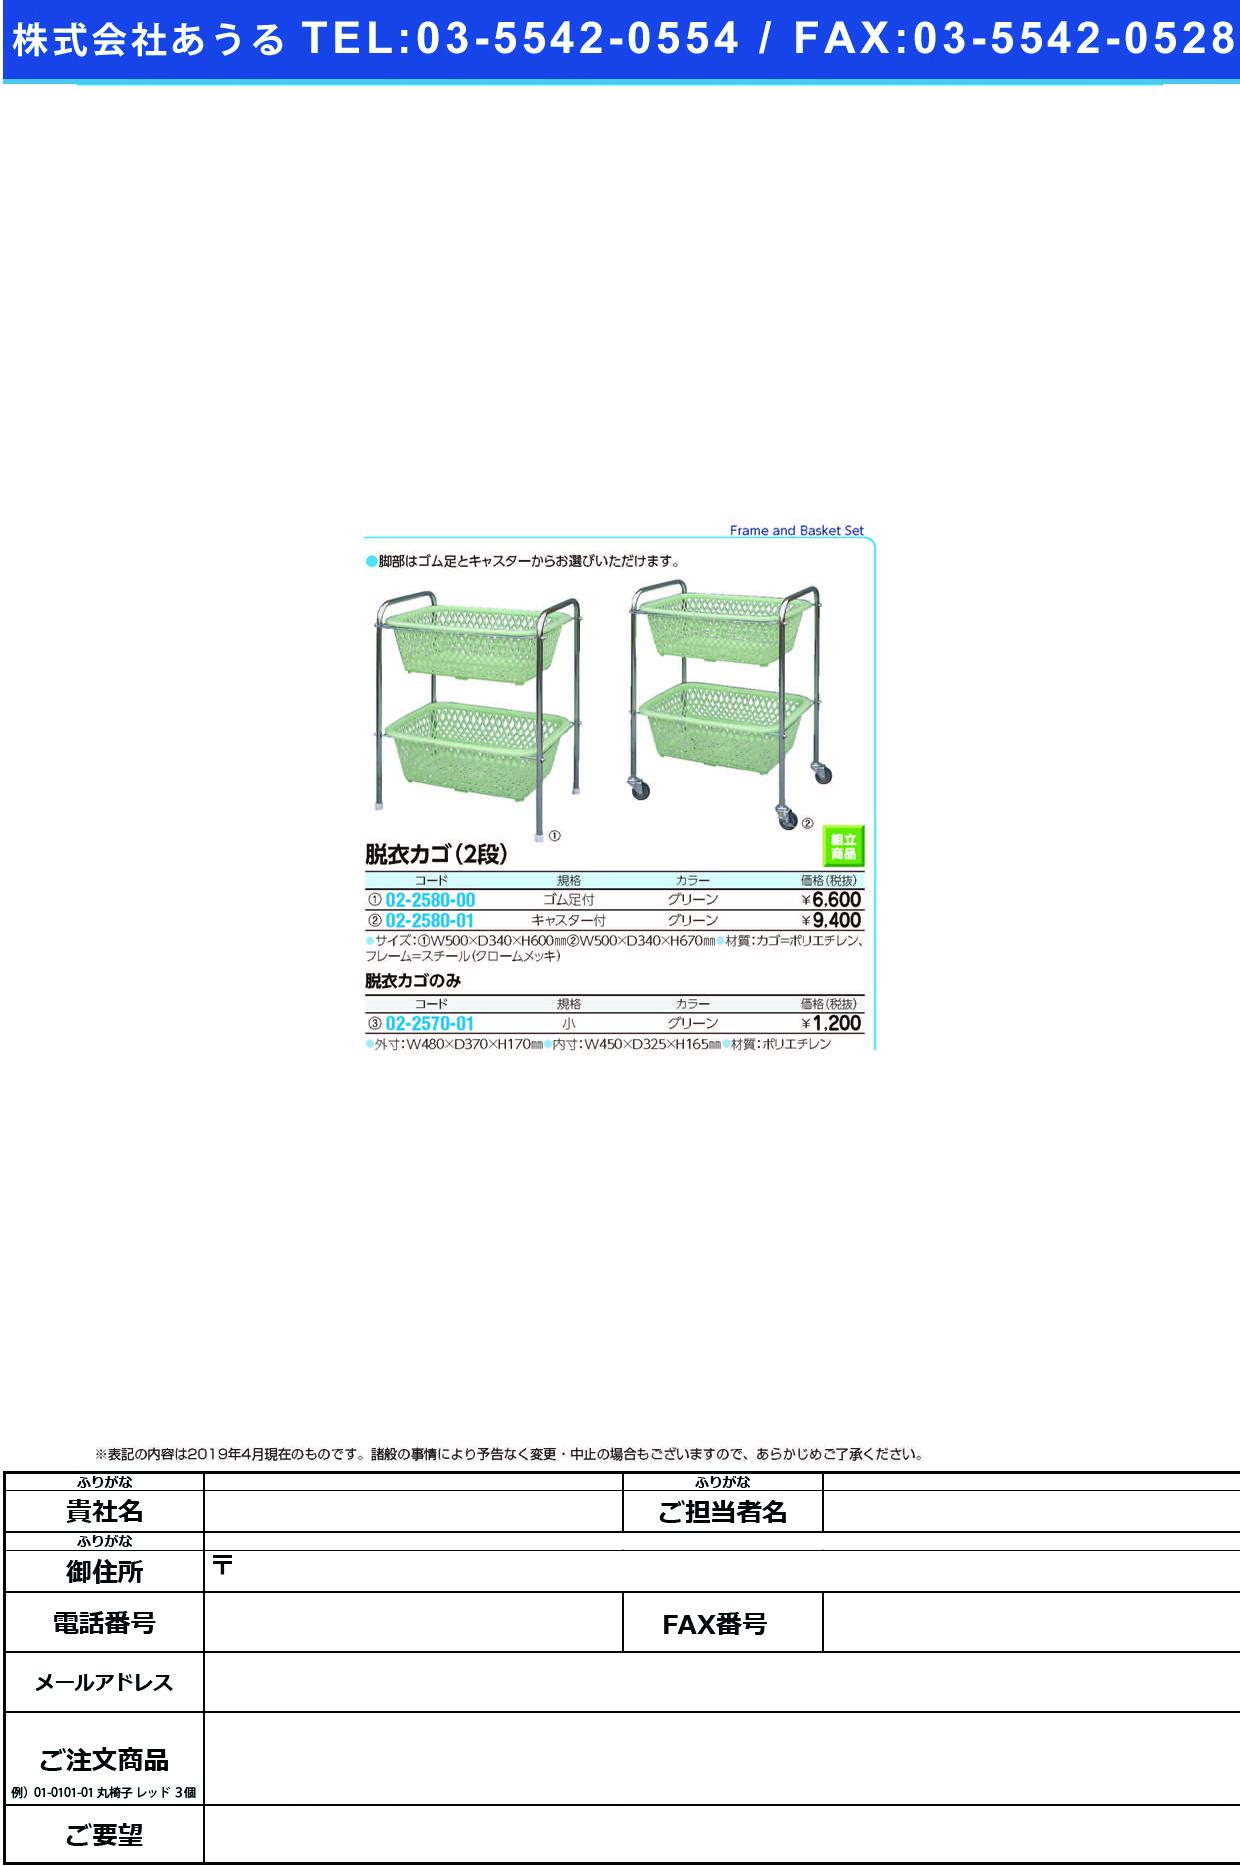 (02-2580-01)脱衣カゴ(2段・キャスター付) W500XD340XH670MM ダツイカゴ(2ダン・キャスターツキ【1台単位】【2019年カタログ商品】